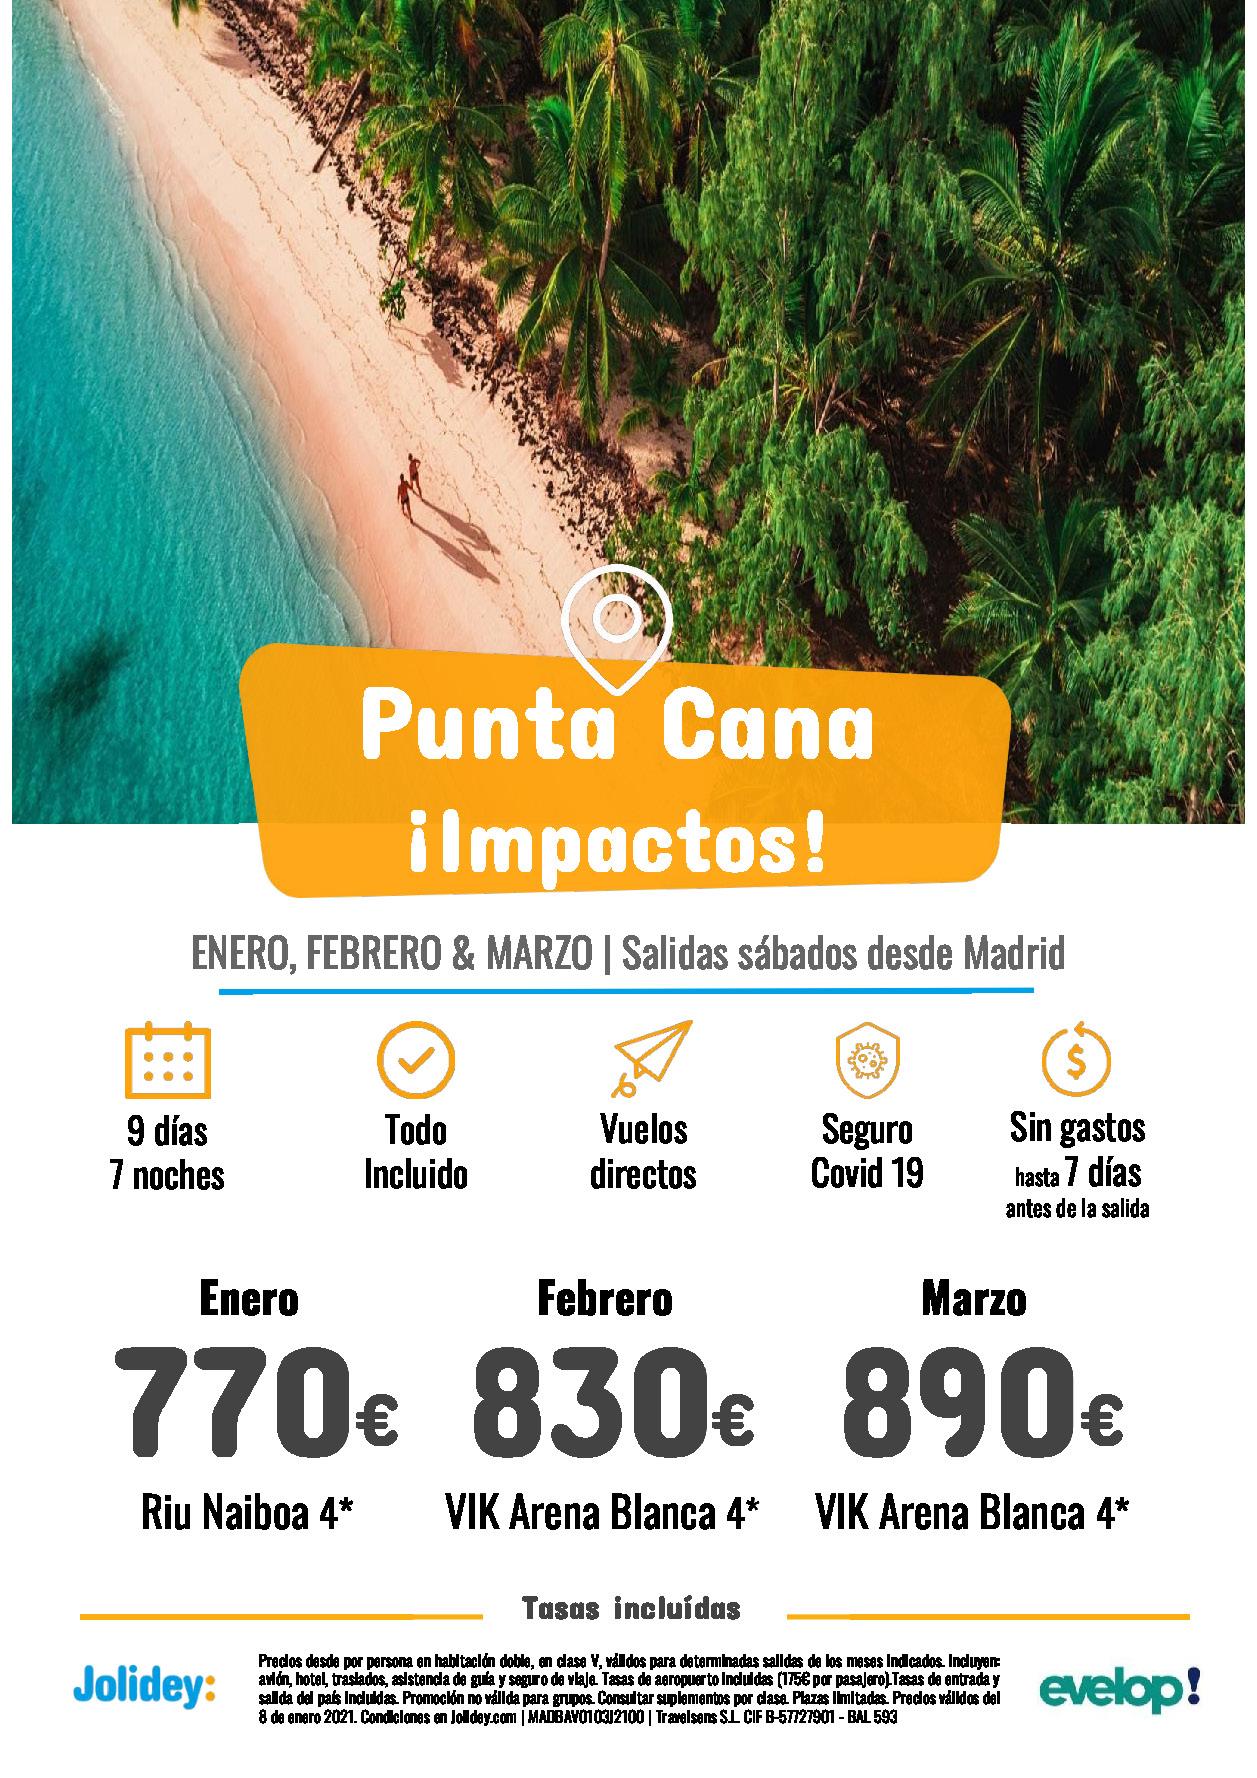 Ofertas Jolidey Punta Cana Enero a Marzo 2021 Riu Naiboa Vik vuelo directo desde Madrid